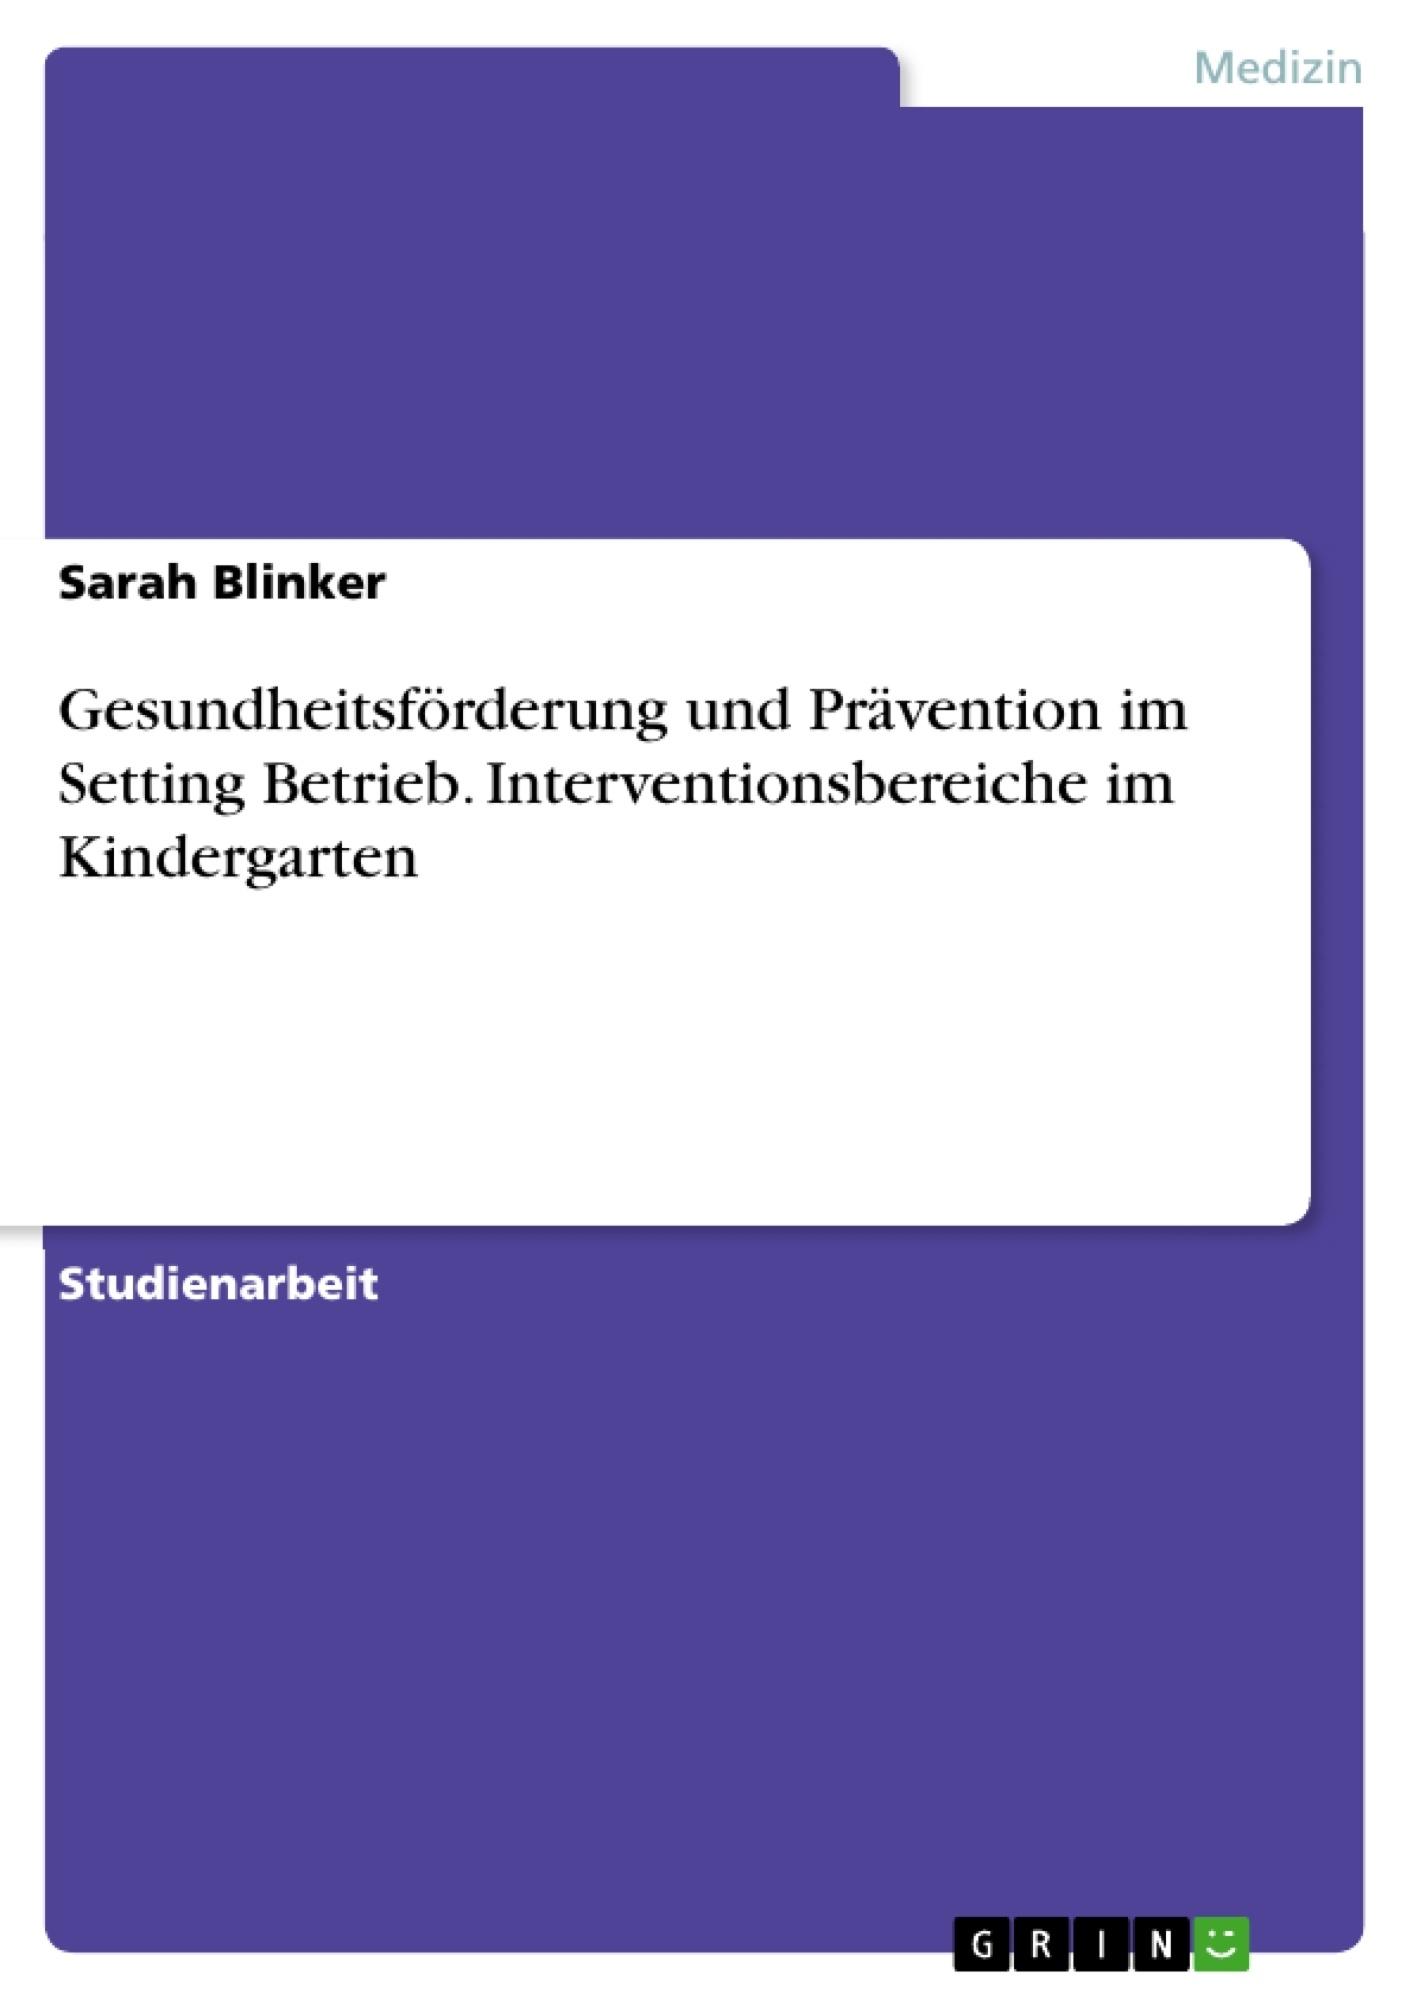 Titel: Gesundheitsförderung und Prävention im Setting Betrieb. Interventionsbereiche im Kindergarten